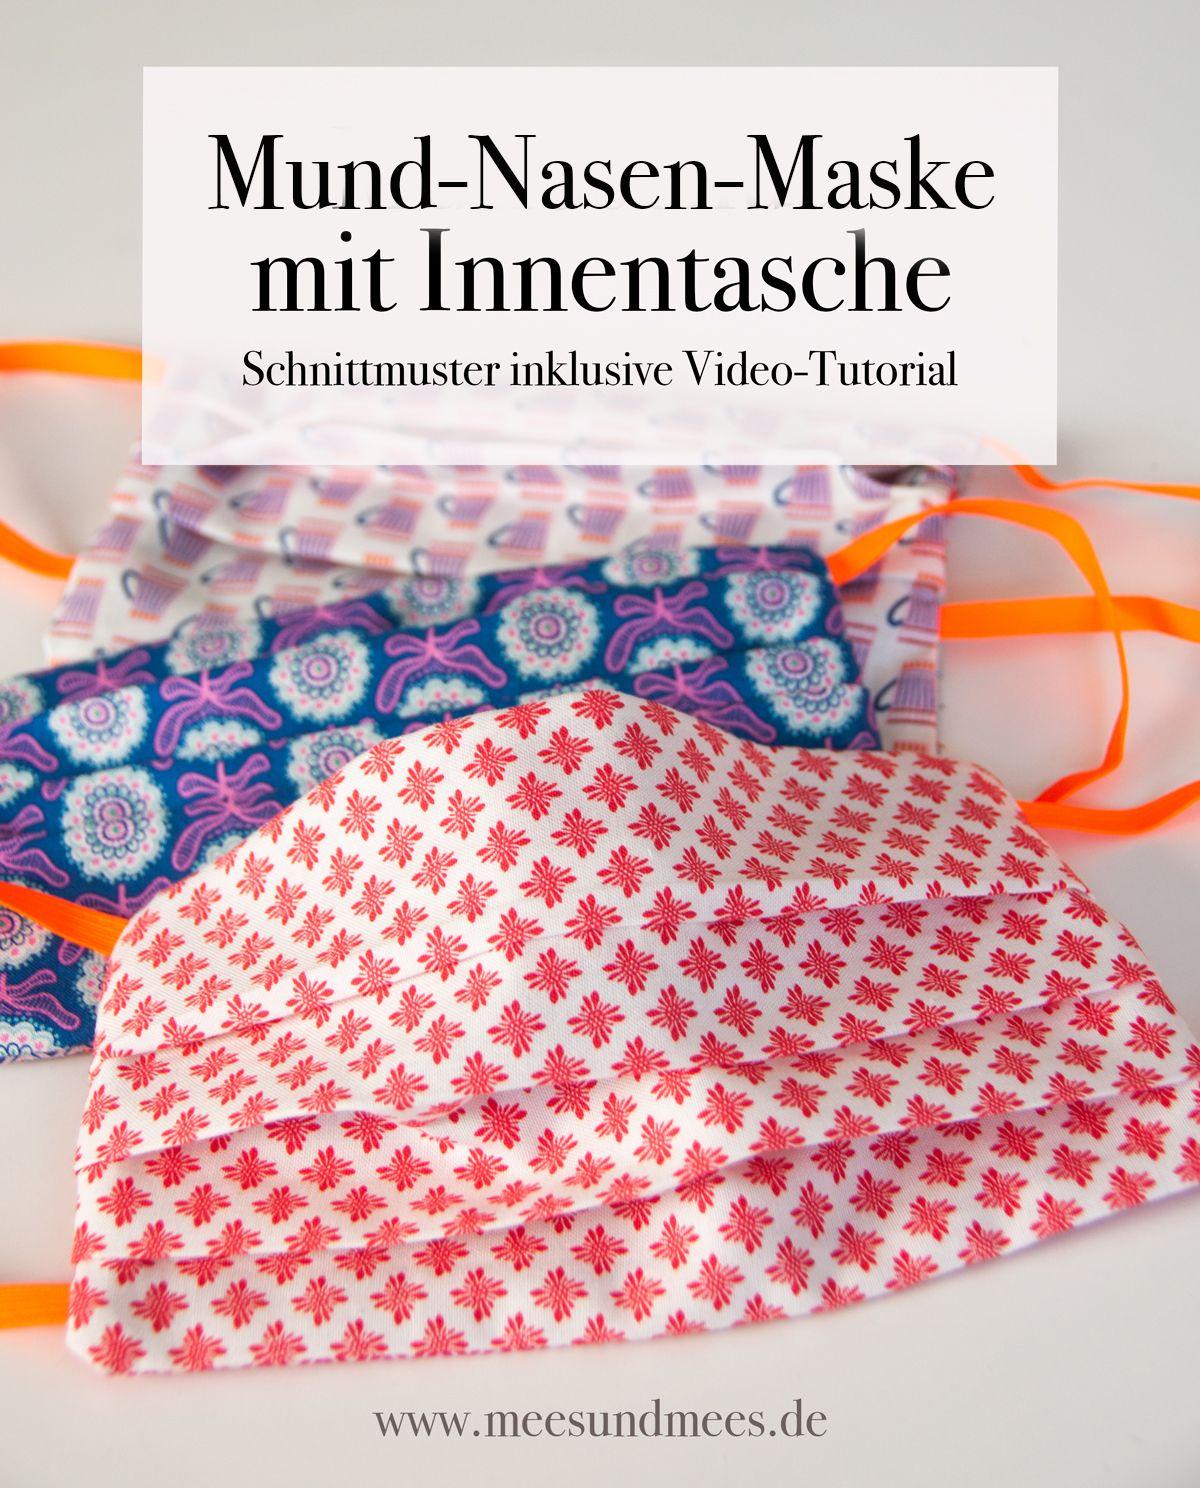 Freebook Schnittmuster Mund Nasen Maske Mit Innentasche Kostenlos Mees Mees Shop Blog In 2020 Schnittmuster Kostenlose Schnittmuster Mund